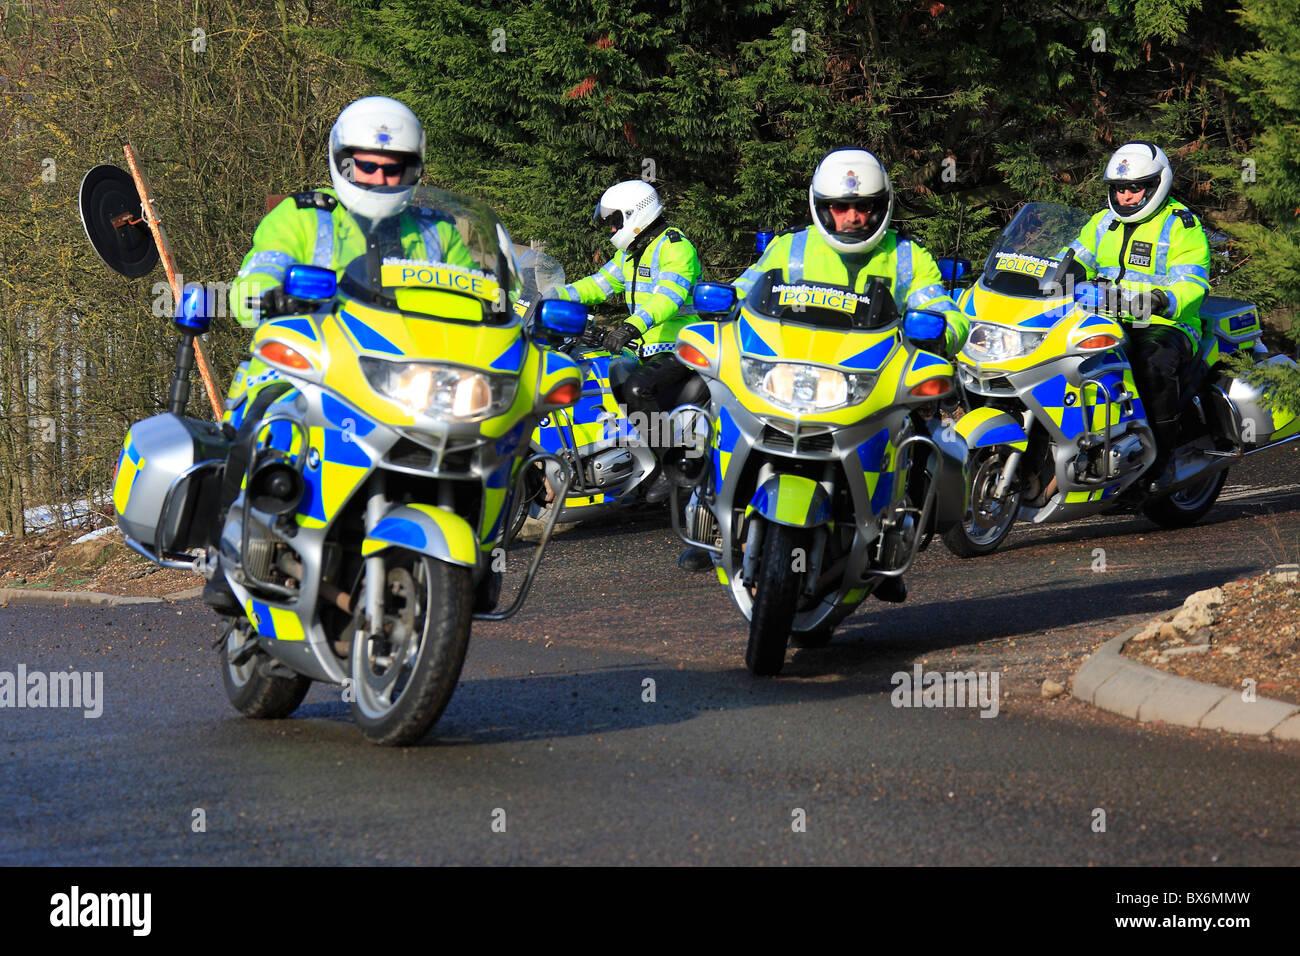 Metropolitan police bikes - Stock Image